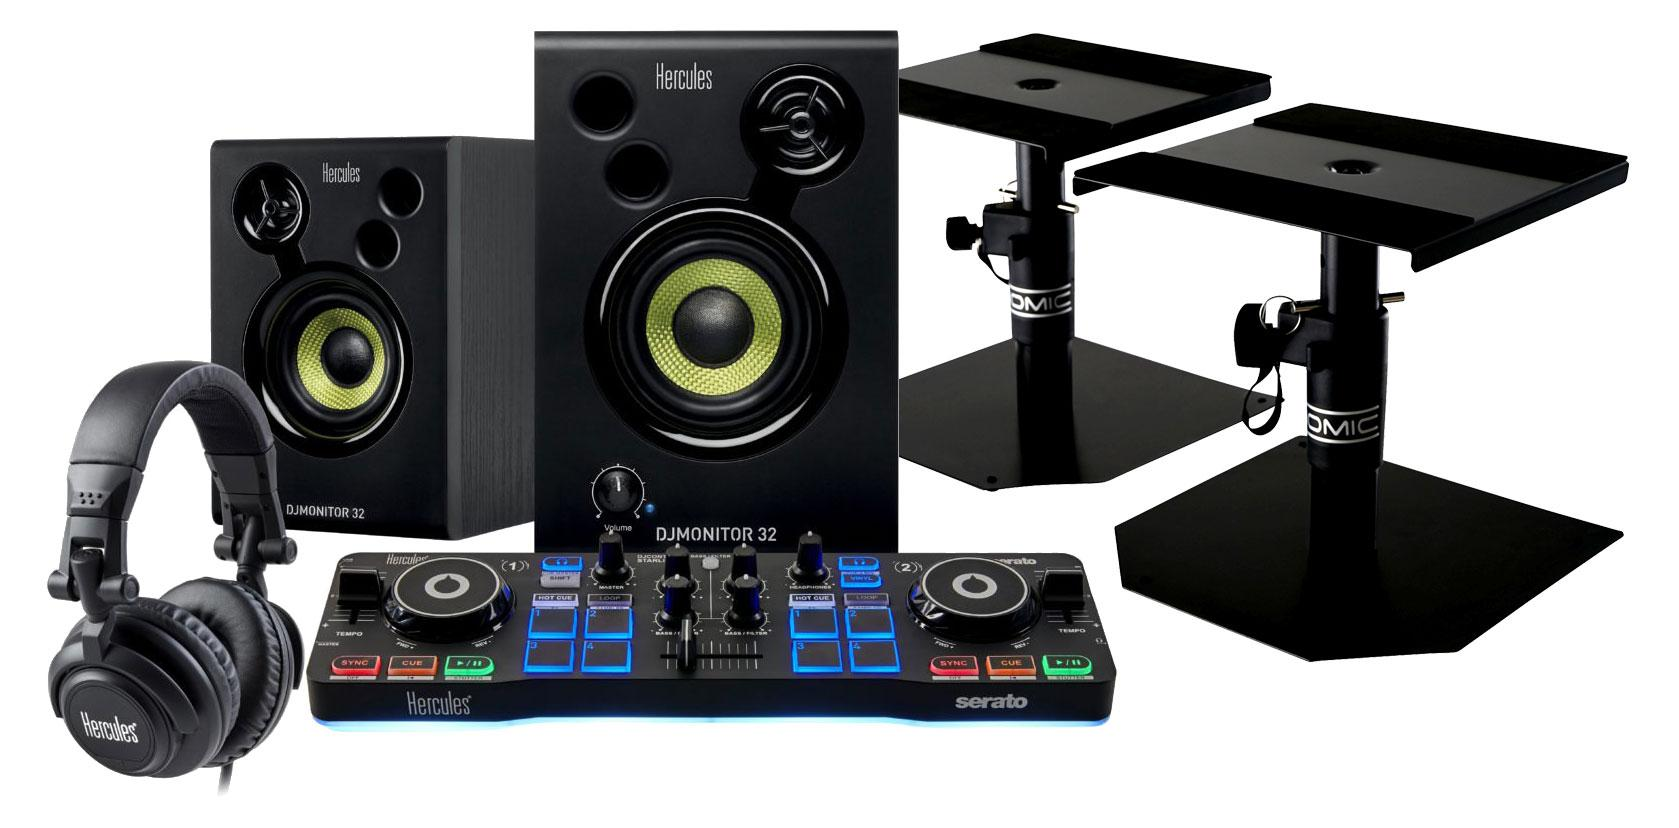 Djkomplettanlagen - Hercules DJStarter Kit mit Tischstativen - Onlineshop Musikhaus Kirstein